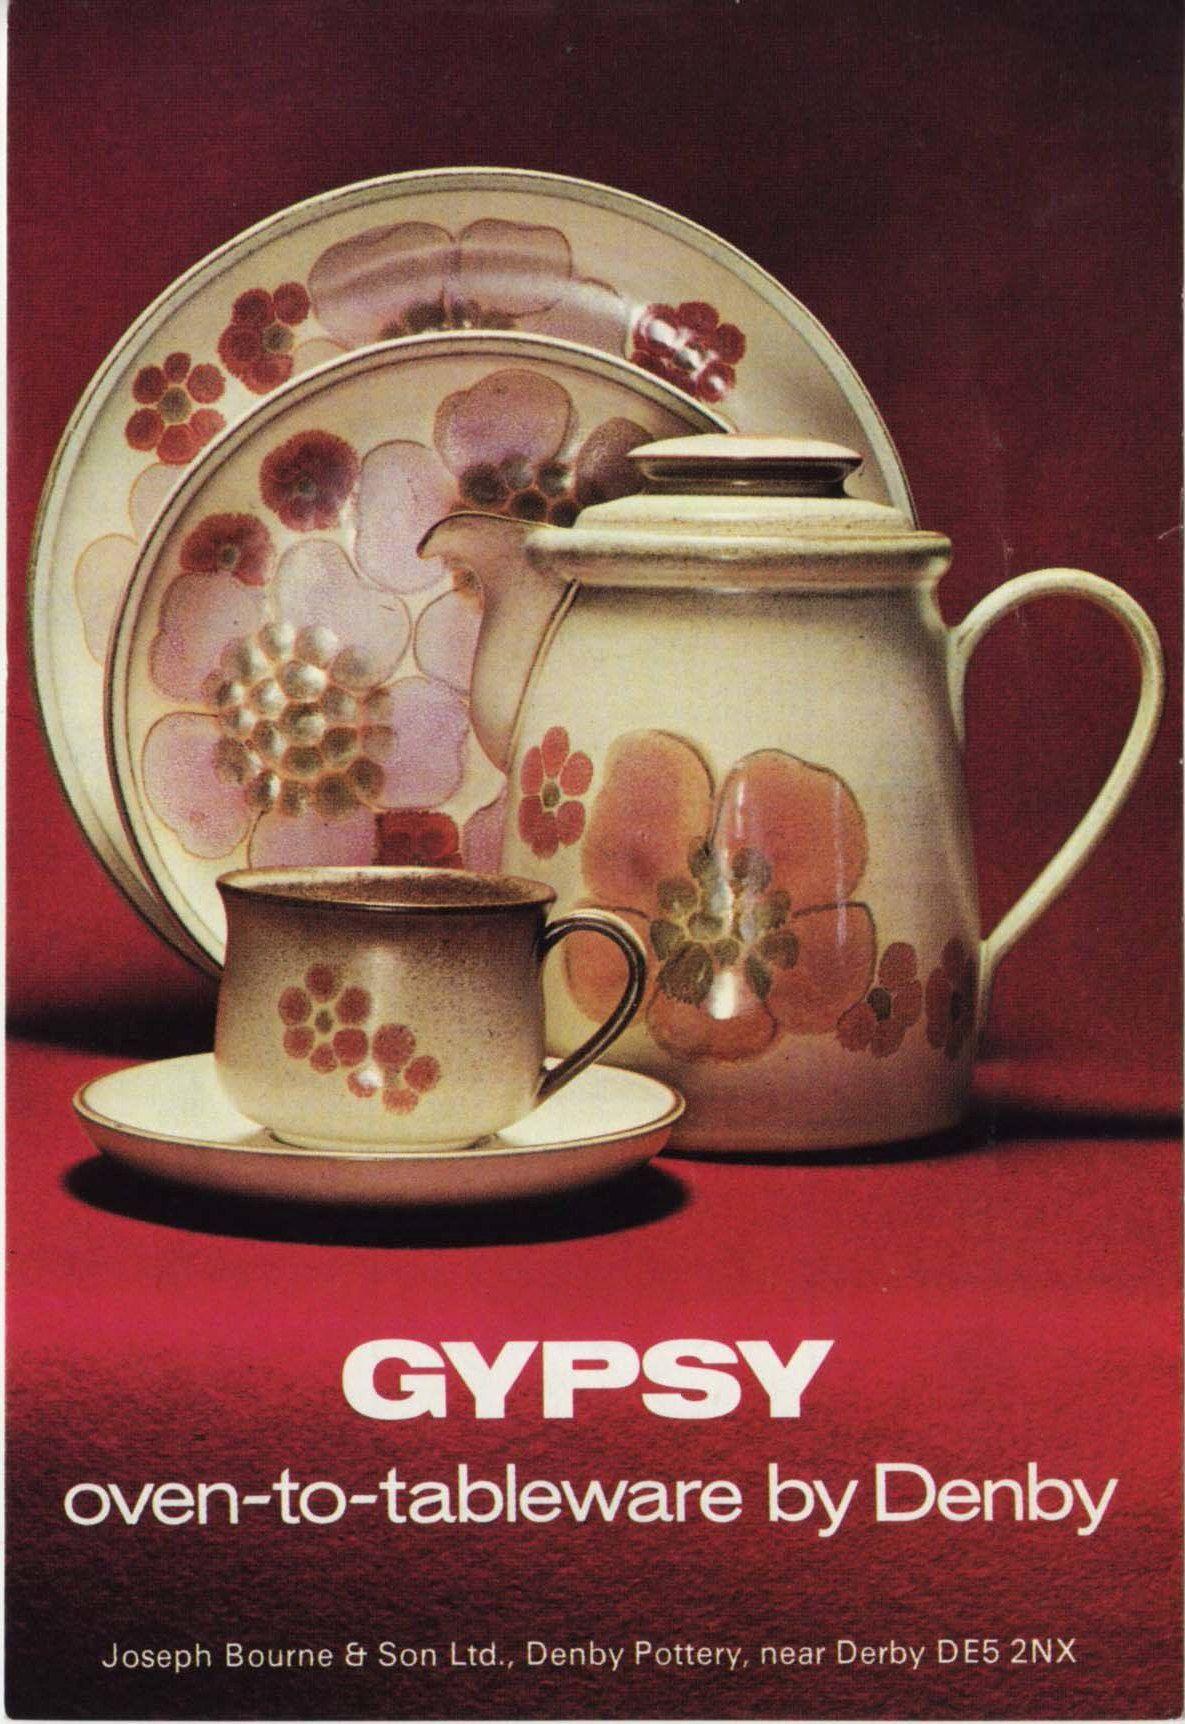 Denby. Gypsy. & Denby. Gypsy.   Tableware   Pinterest   Tableware and Mid century